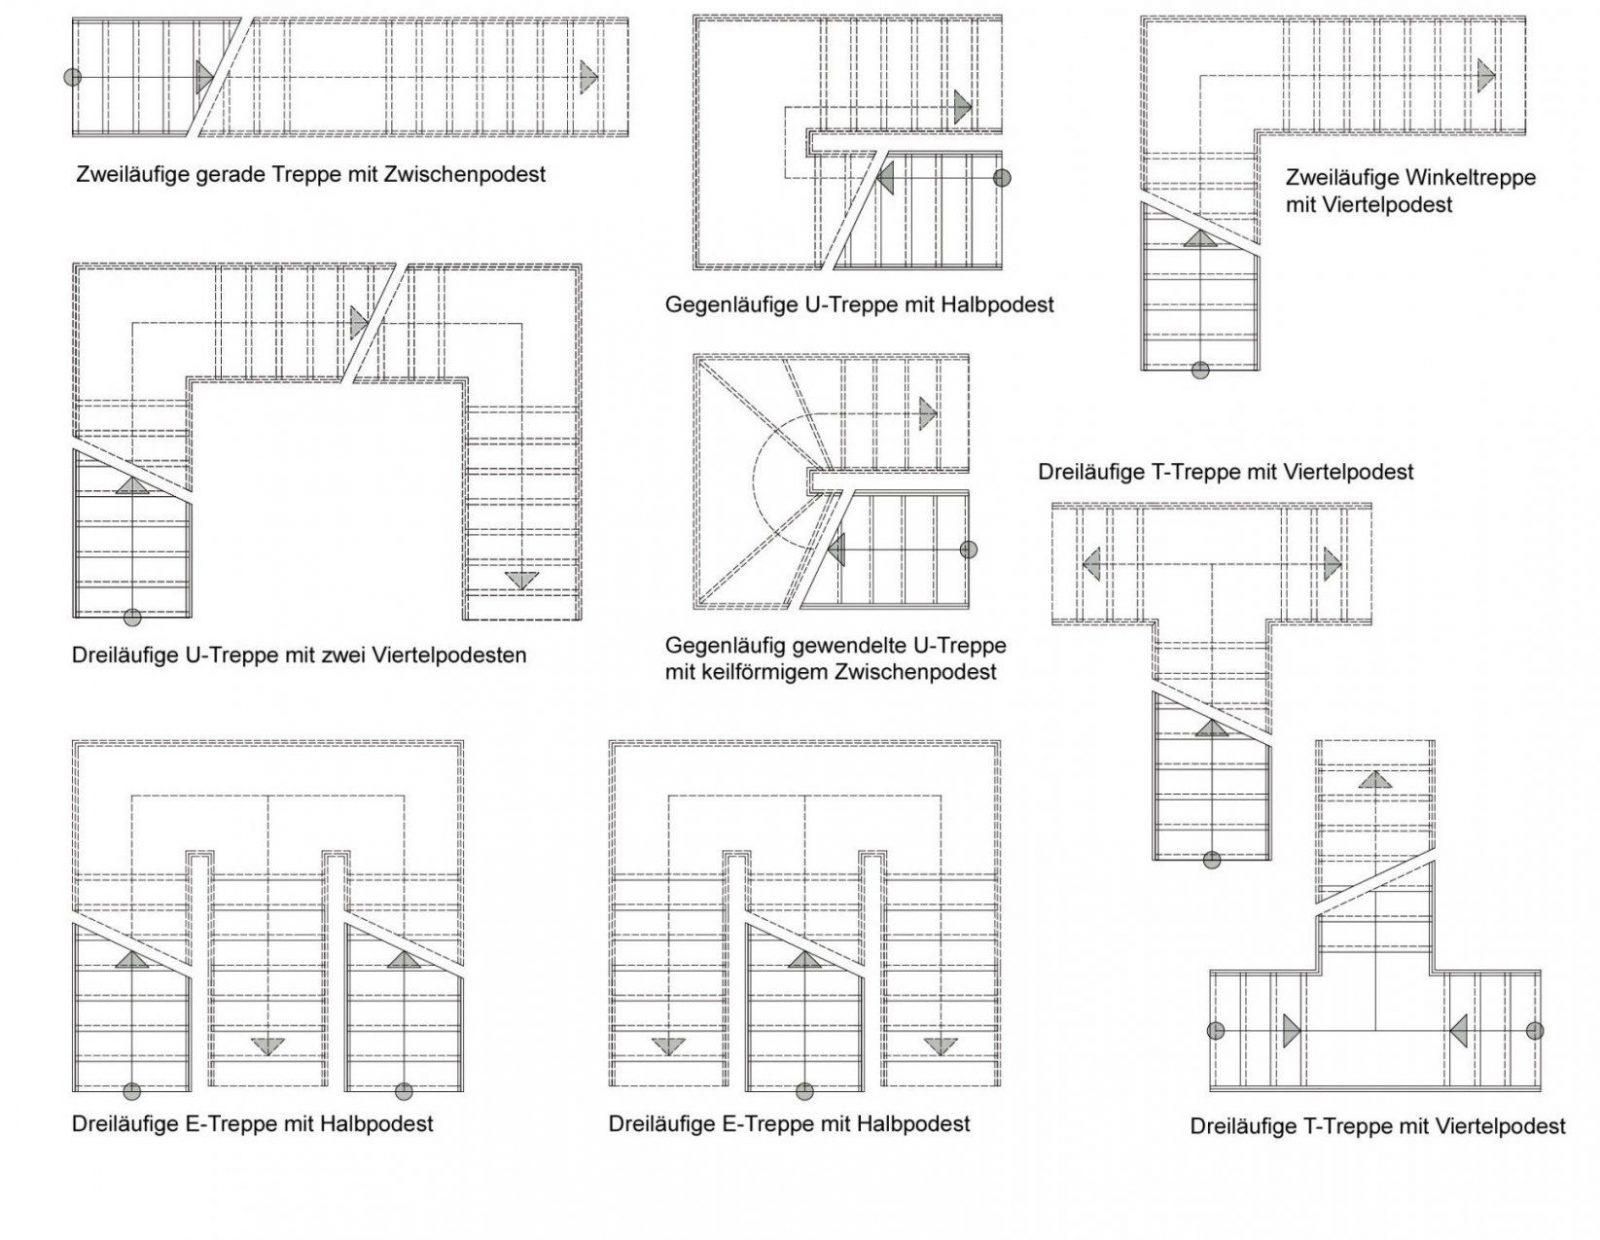 Mehrläufige Treppen  Treppen  Treppenformen  Baunetzwissen von 1 4 Gewendelte Treppe Berechnen Bild